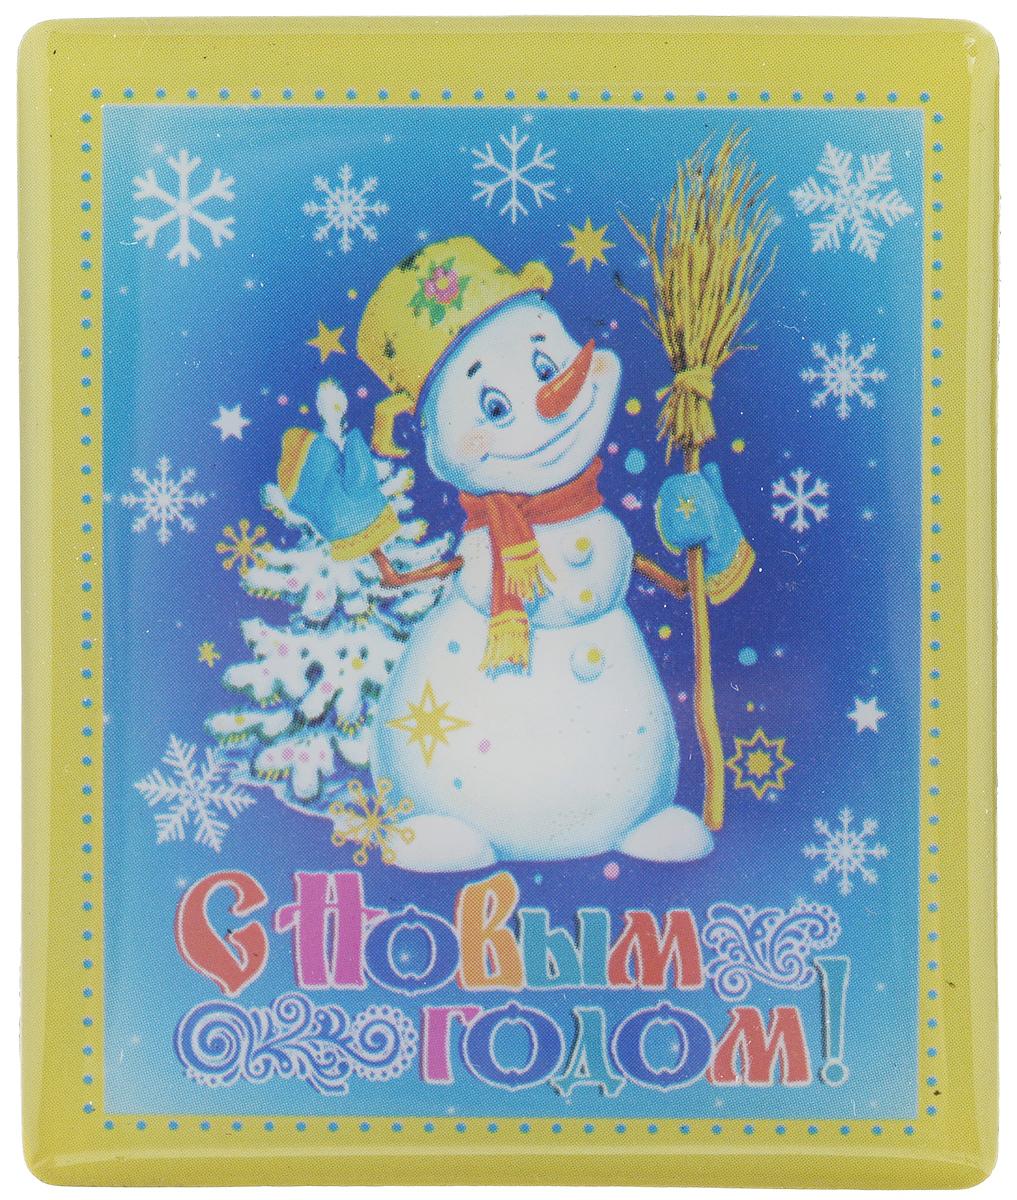 Магнит Феникс-Презент Снеговик, 5 x 6 см27192Магнит прямоугольной формы Феникс-Презент Снеговик, выполненный из агломерированного феррита, станет приятным штрихом в повседневной жизни. Оригинальный магнит, декорированный изображением снеговика и надписи С Новым Годом!, поможет вам украсить не только холодильник, но и любую другую магнитную поверхность. Материал: агломерированный феррит.